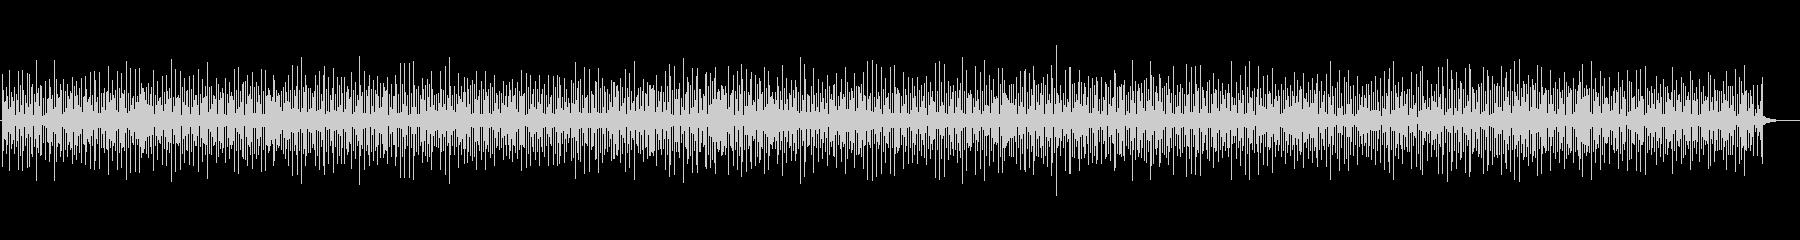 軽快なンチャンチャの未再生の波形